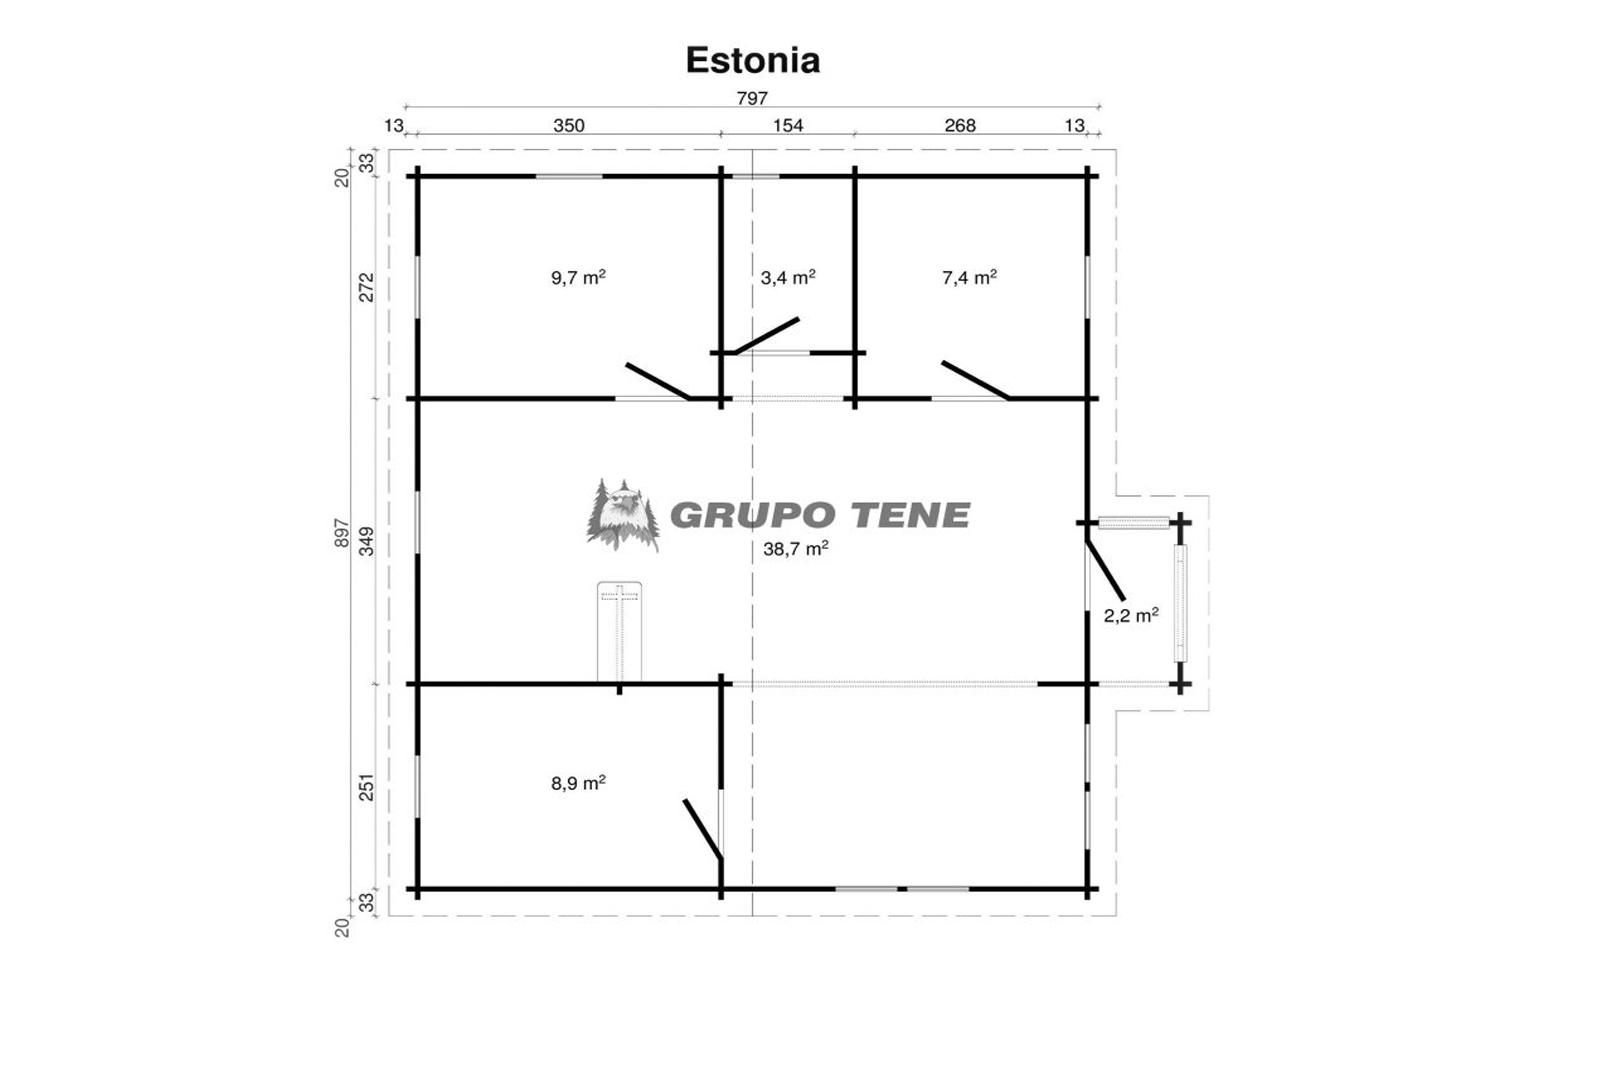 plano-estonia